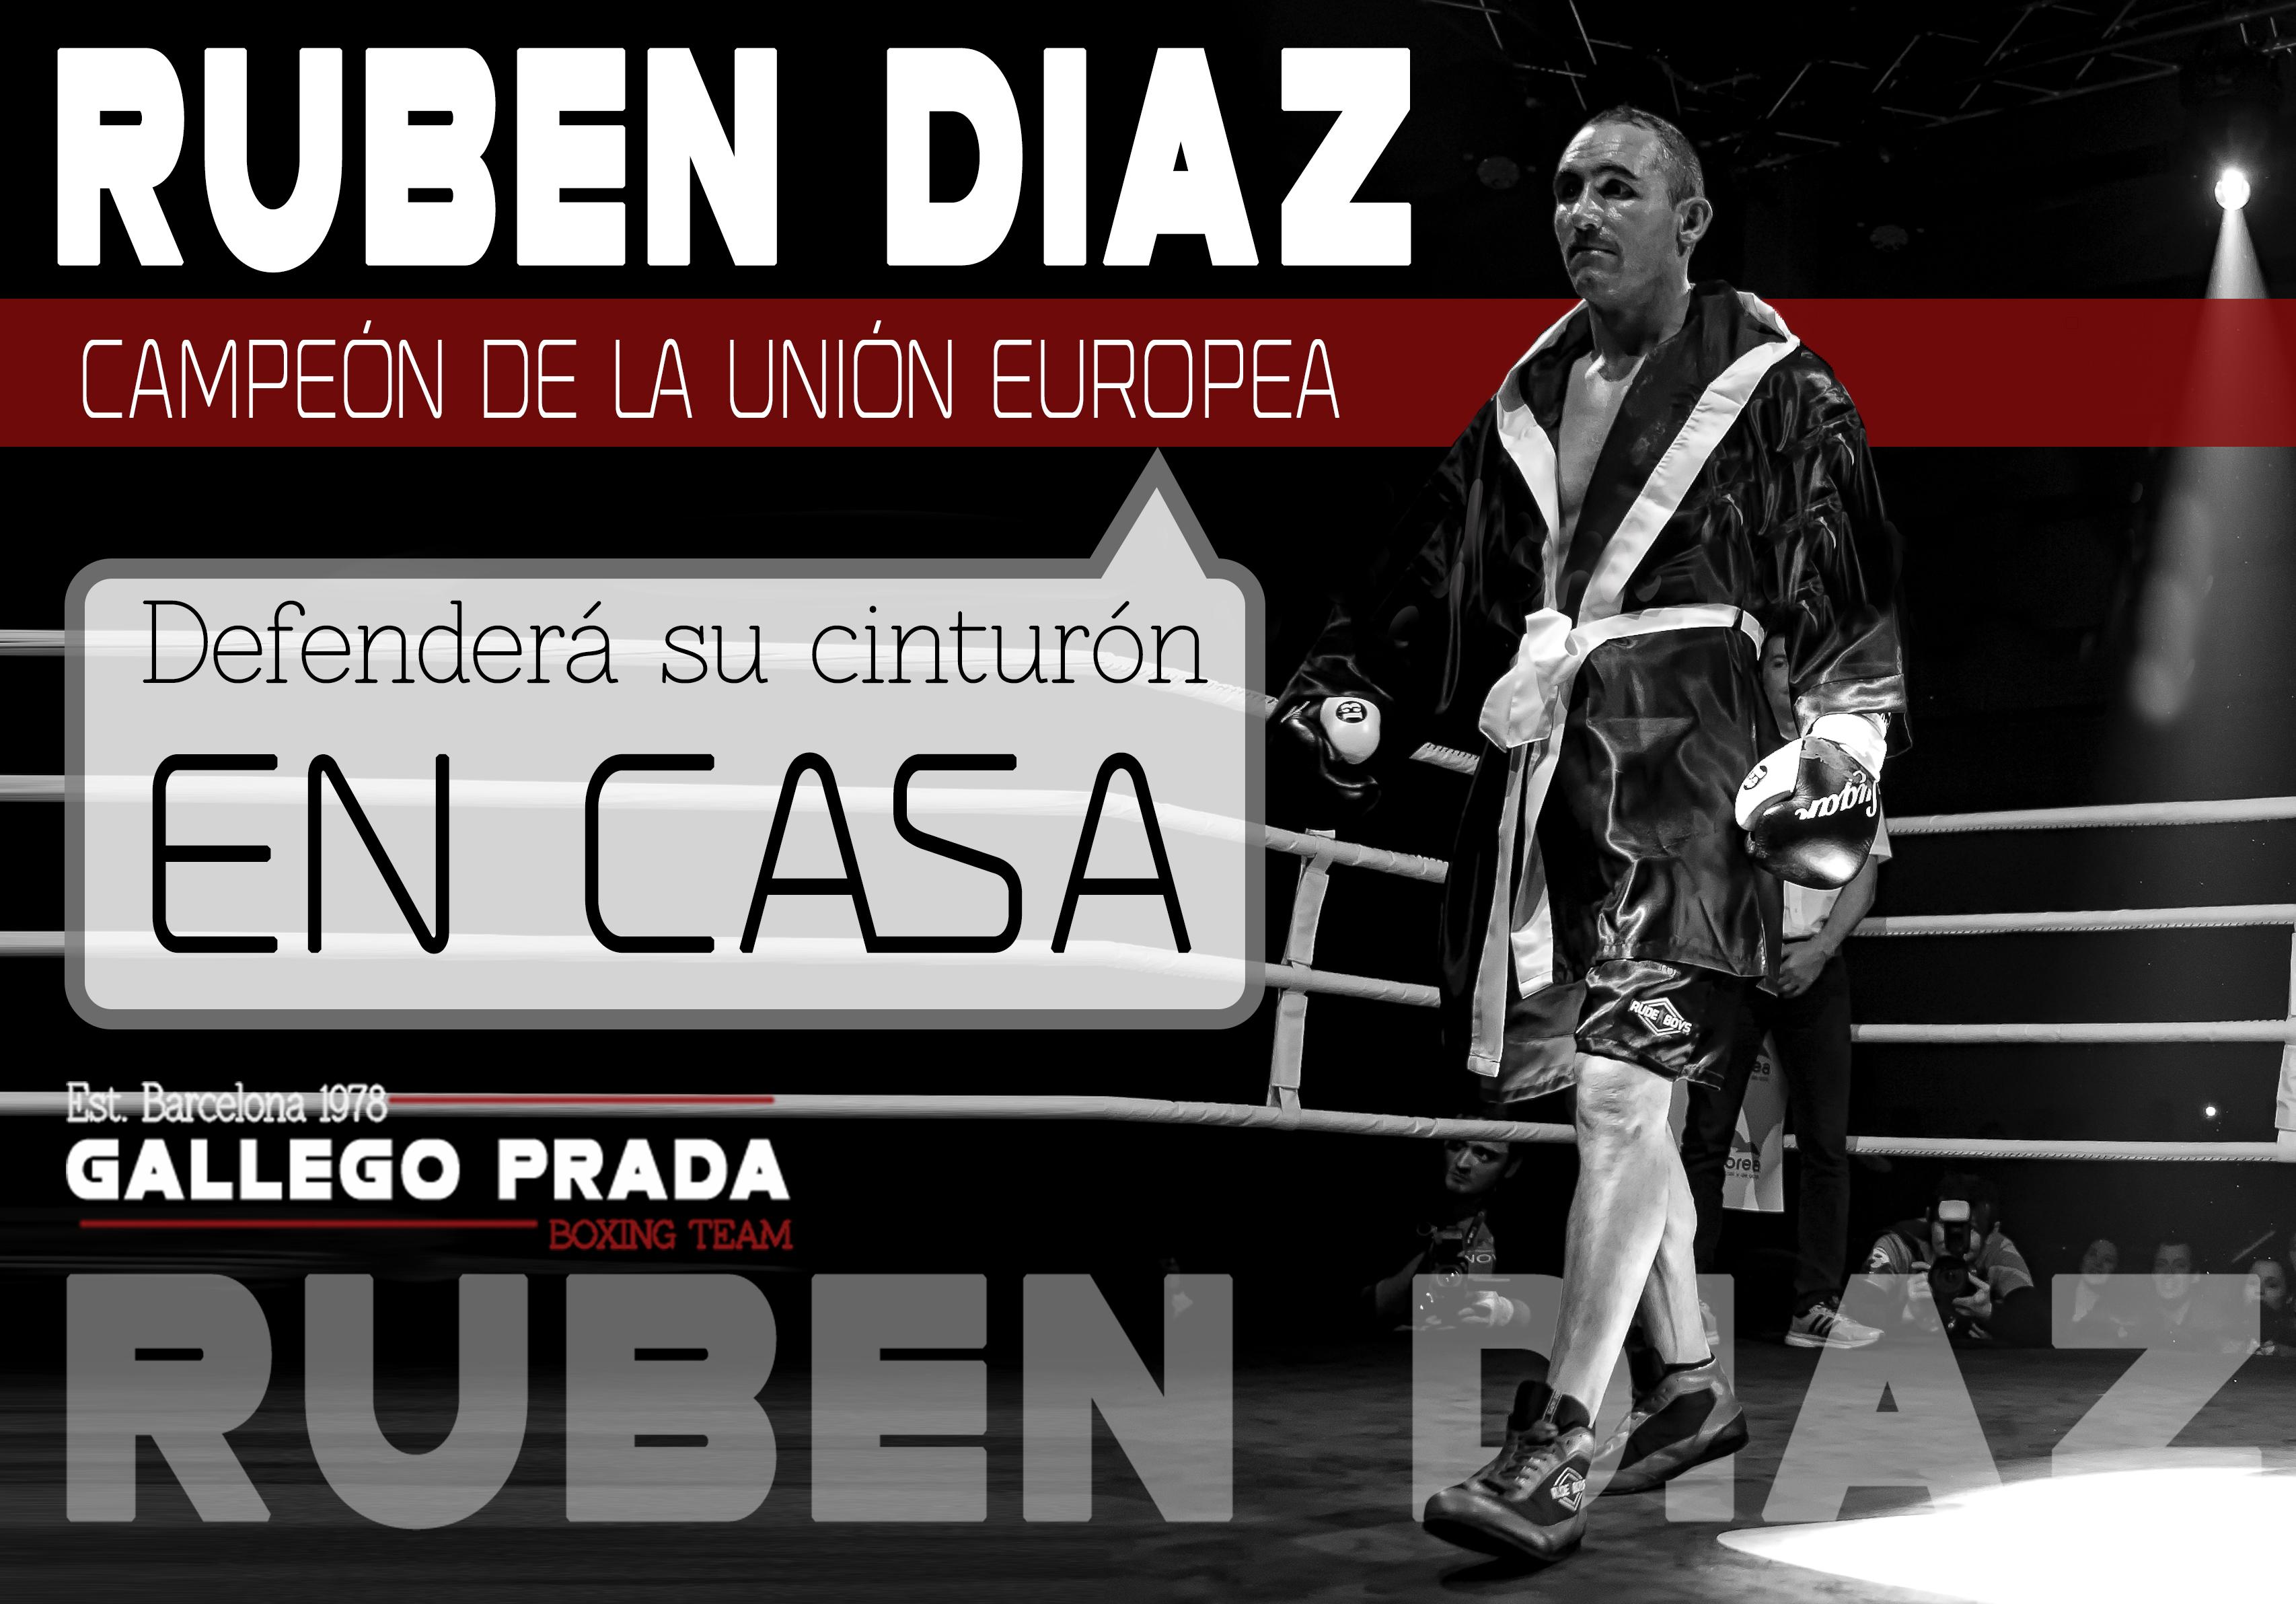 Rubén Díaz defenderá en casa